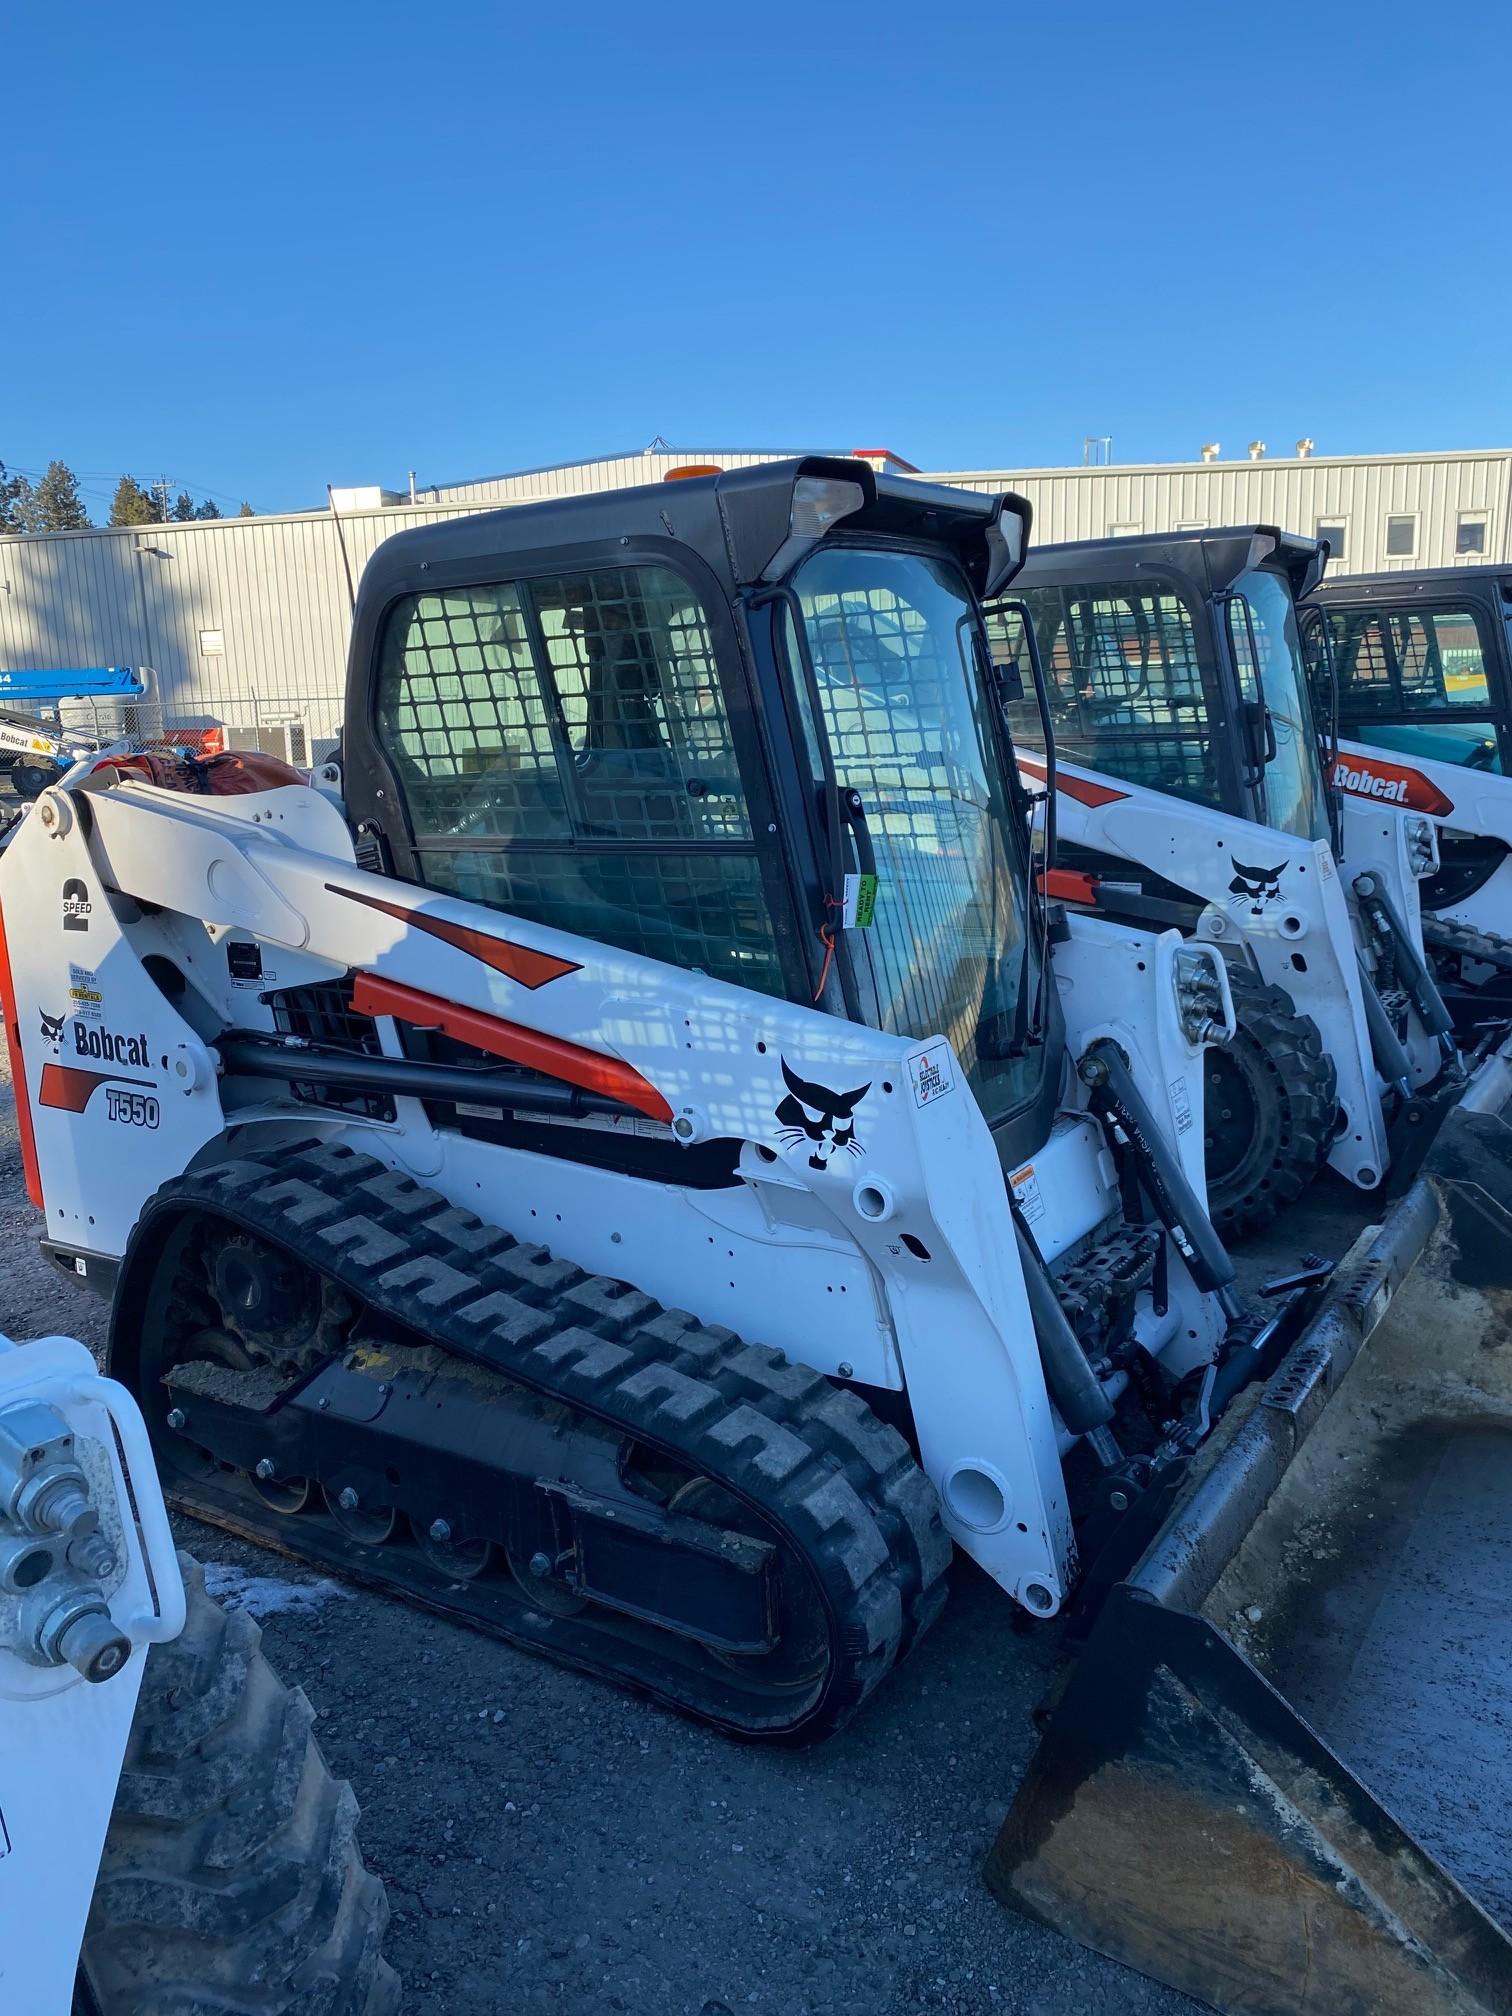 Used, 2019, Bobcat, T550, Skid Steers